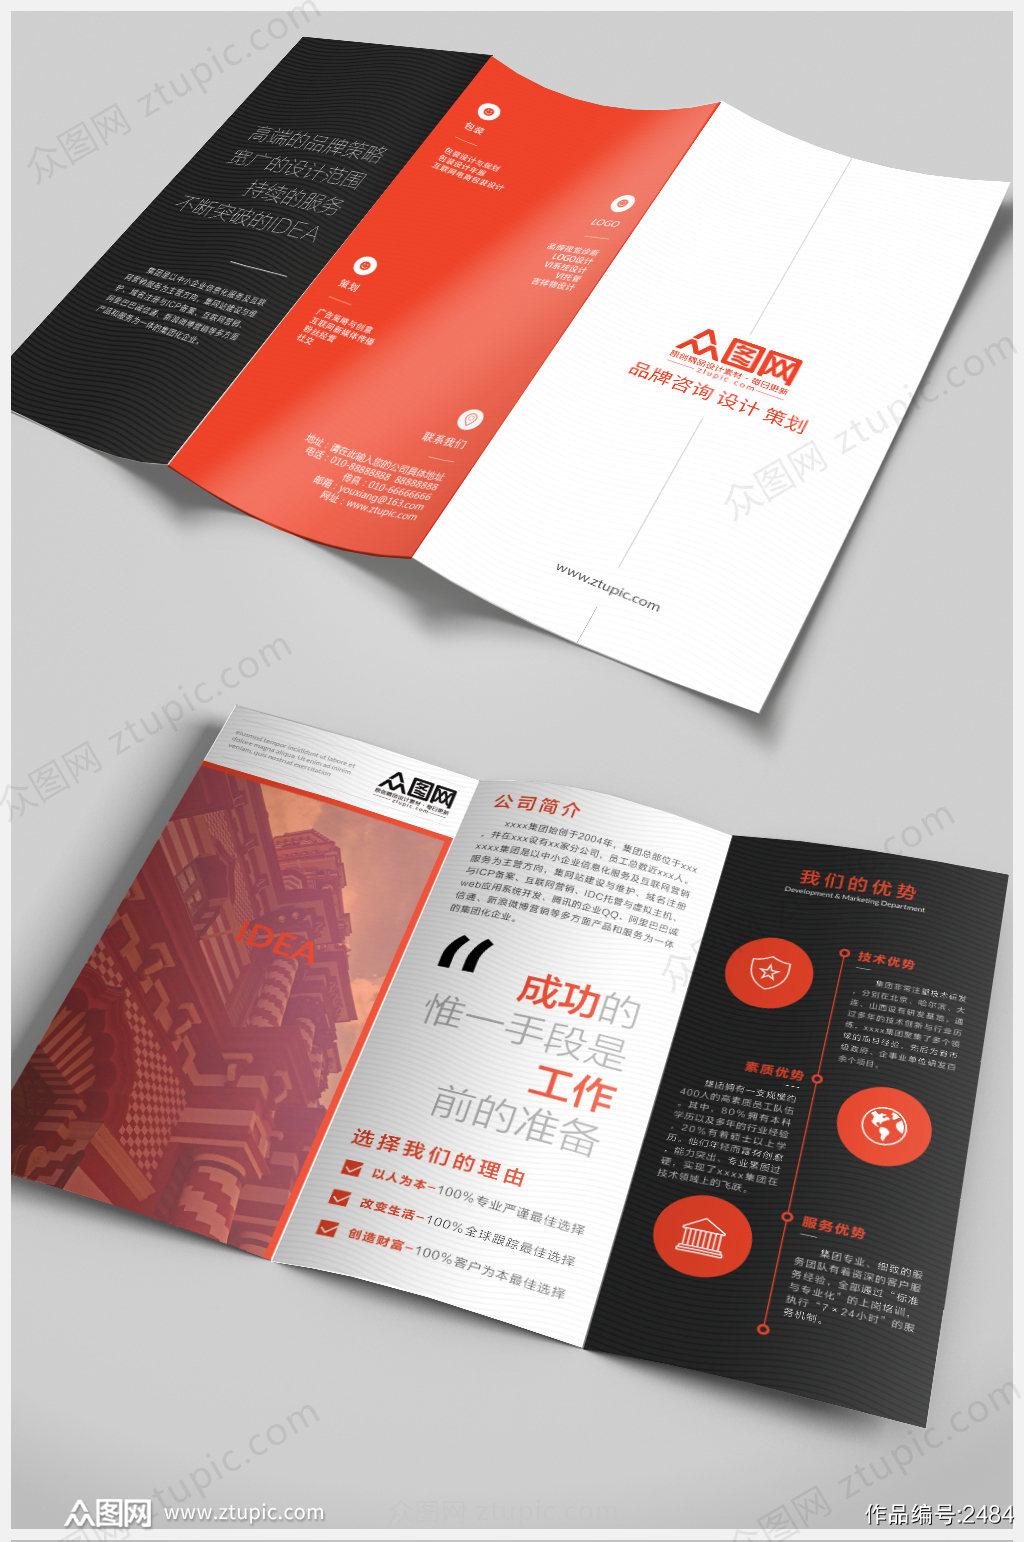 房地产创意设计公司企业宣传单三折页素材